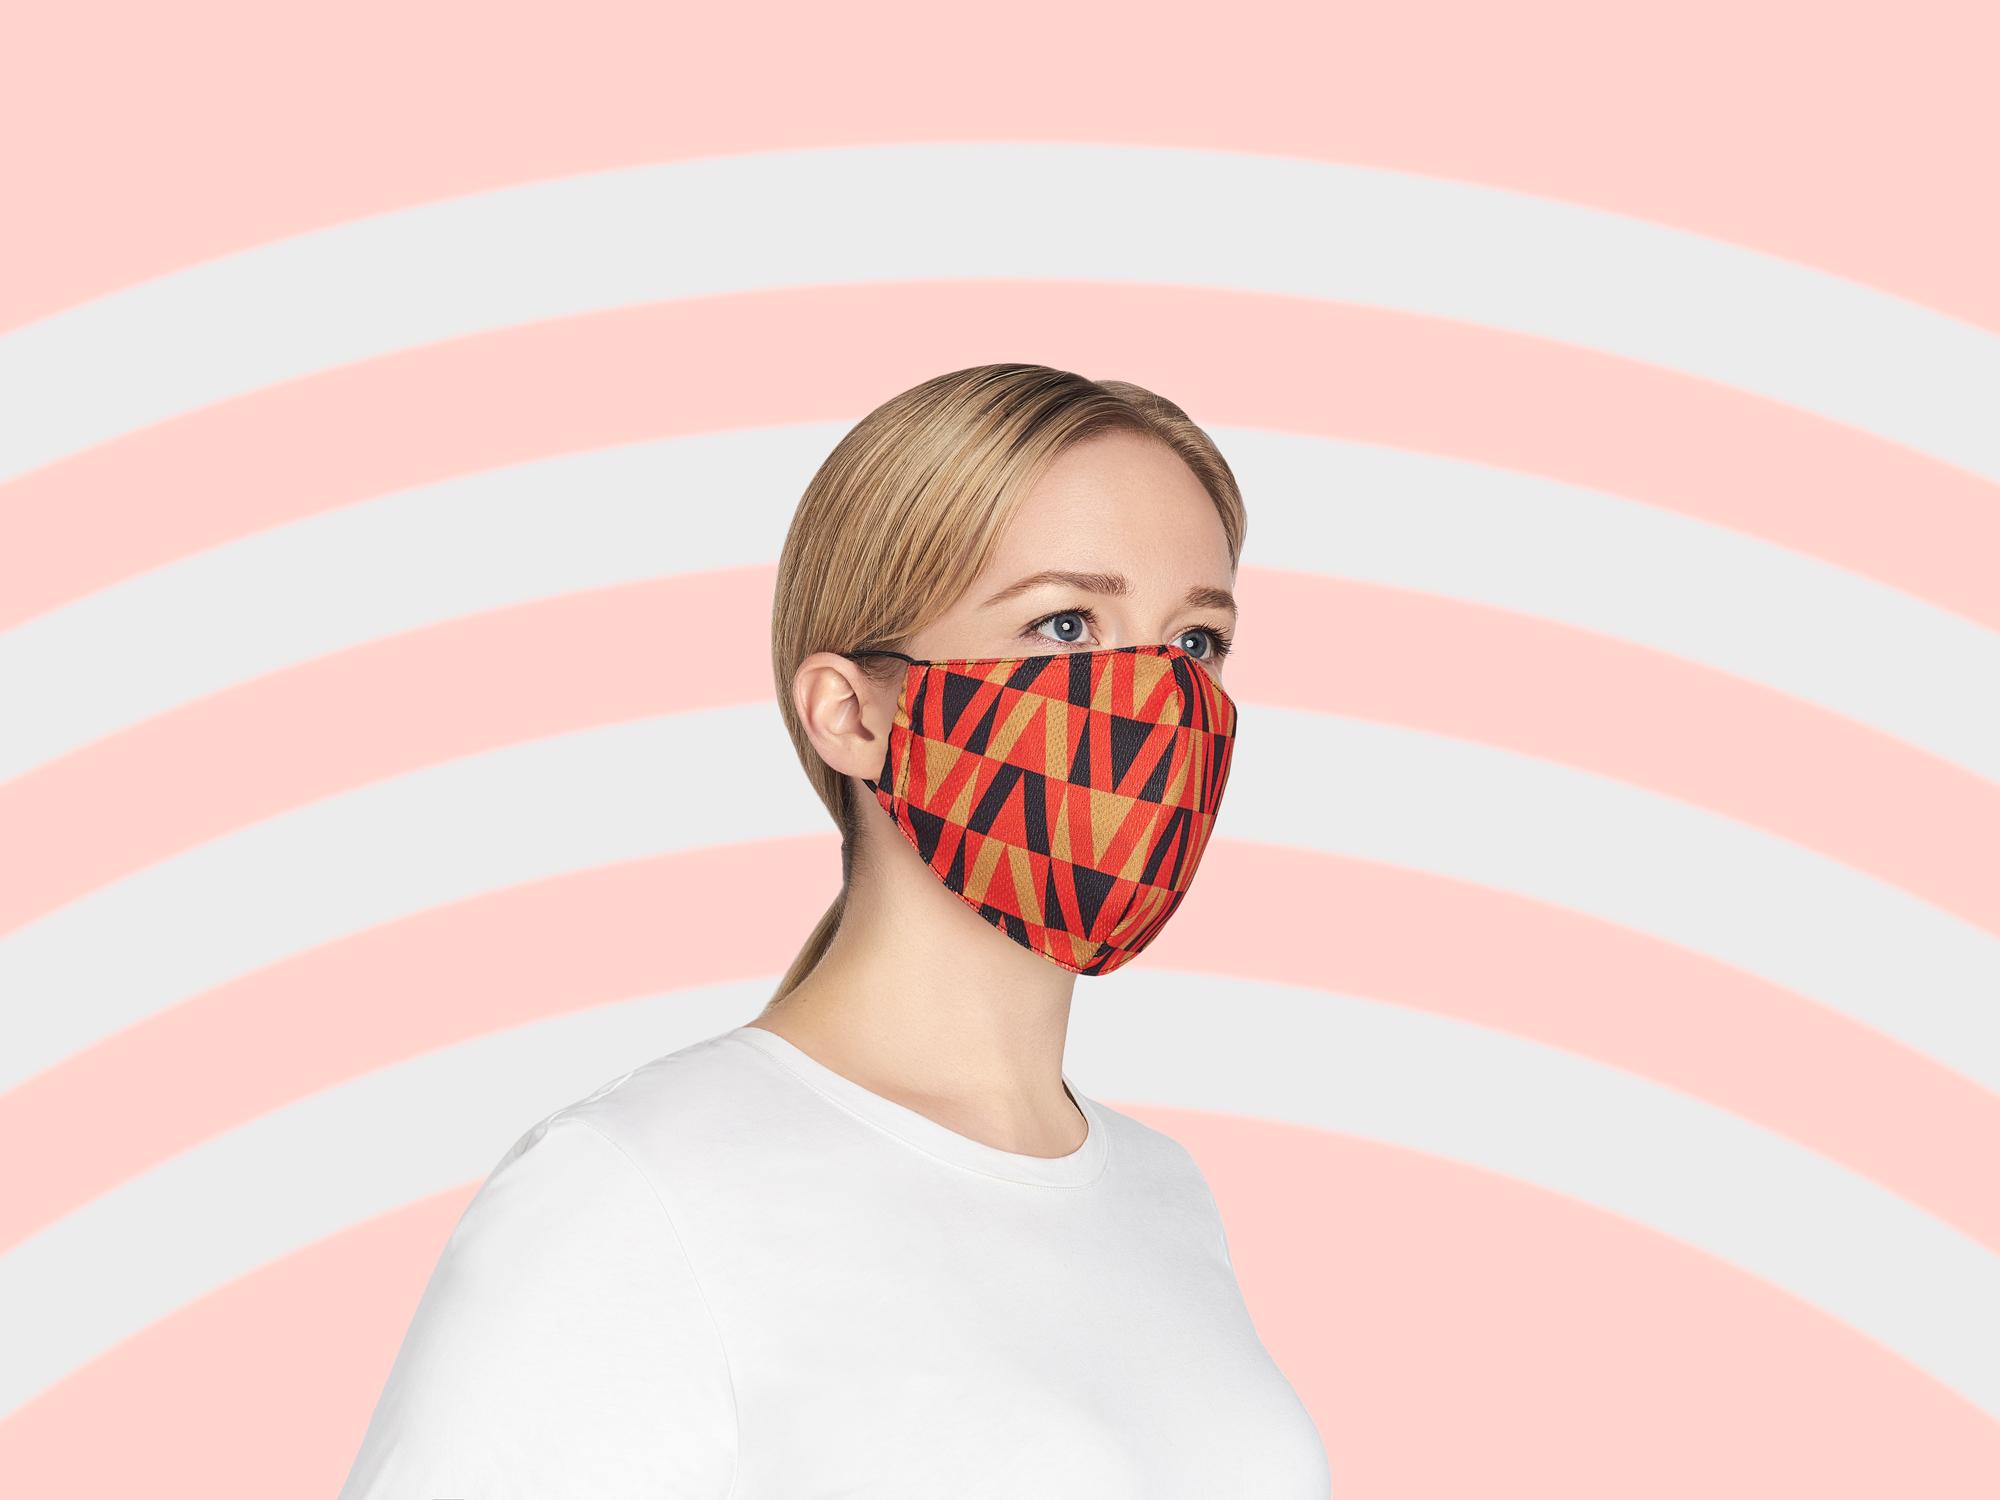 Heart of Moscow создали коллекцию защитных масок, вдохновленную русским авангардом – Афиша